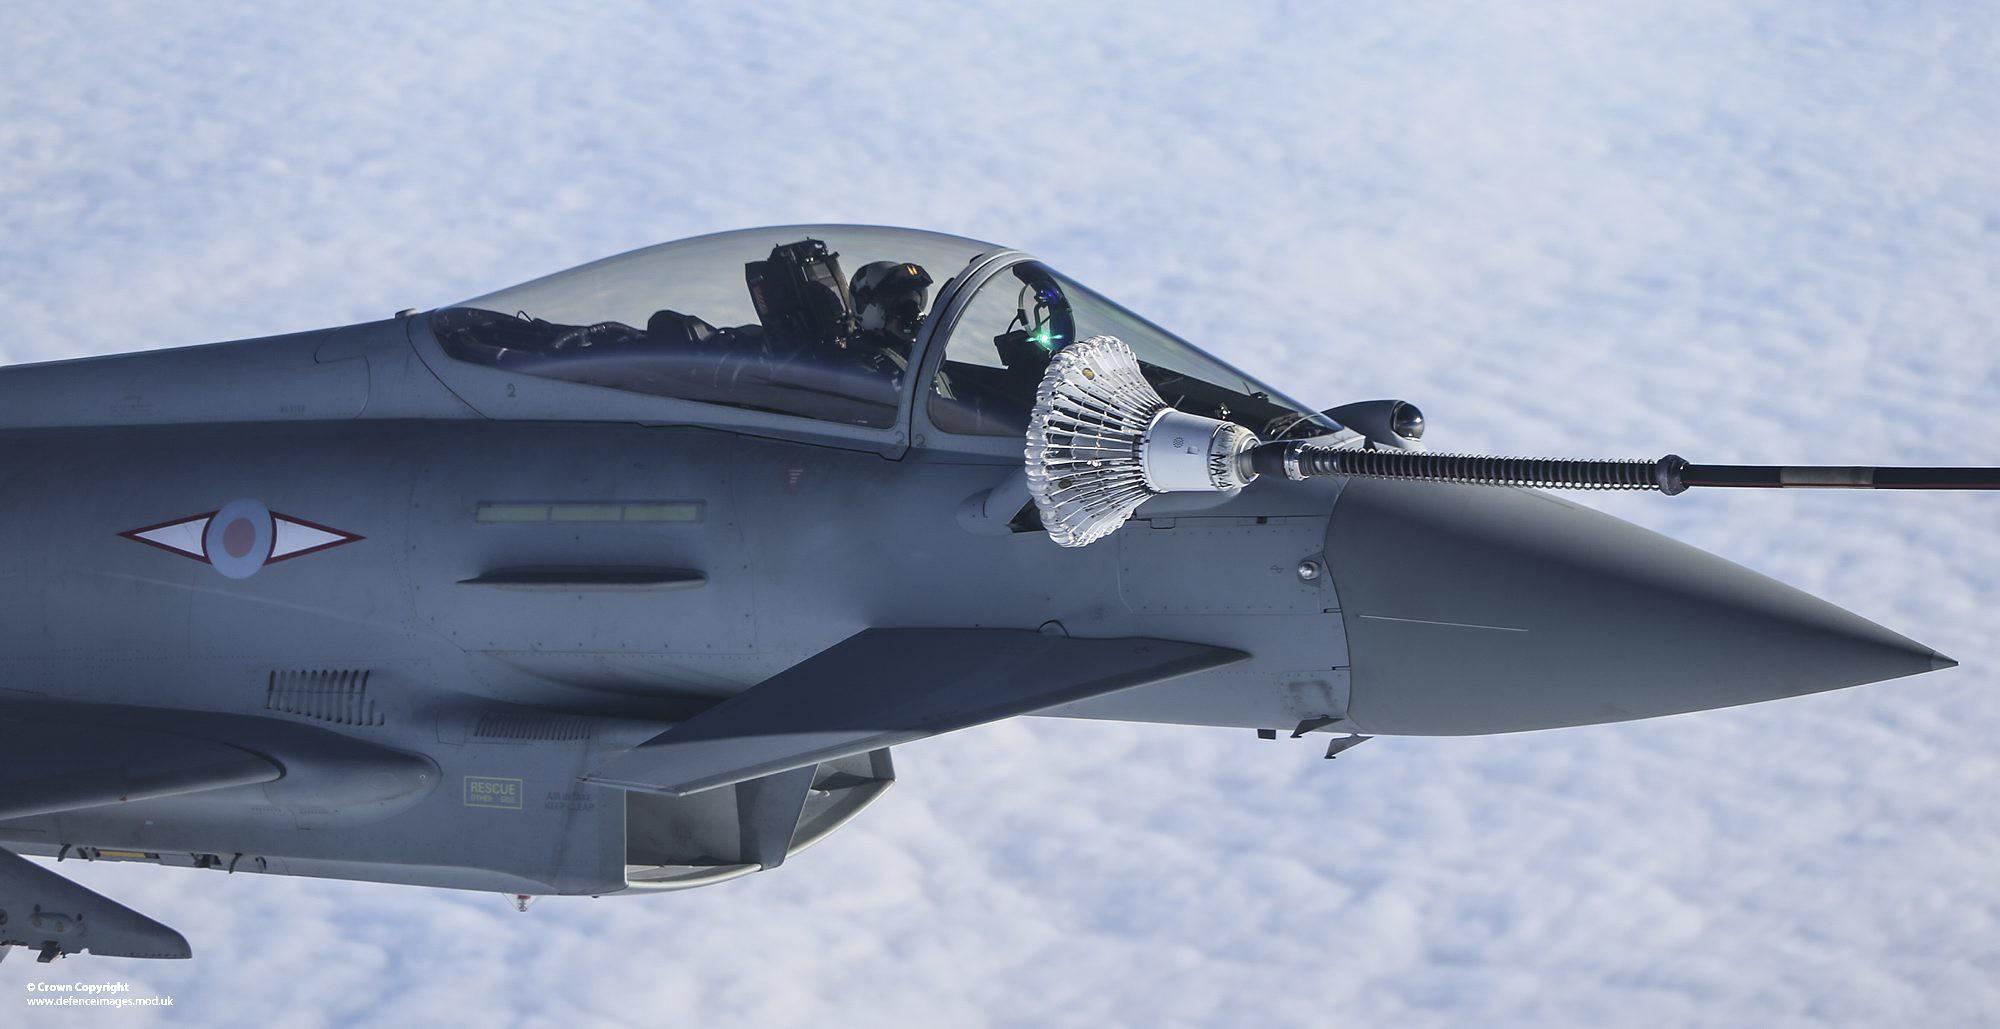 颱風戰鬥機空中加油(圖/Defence Images/CC BY-SA 2.0)